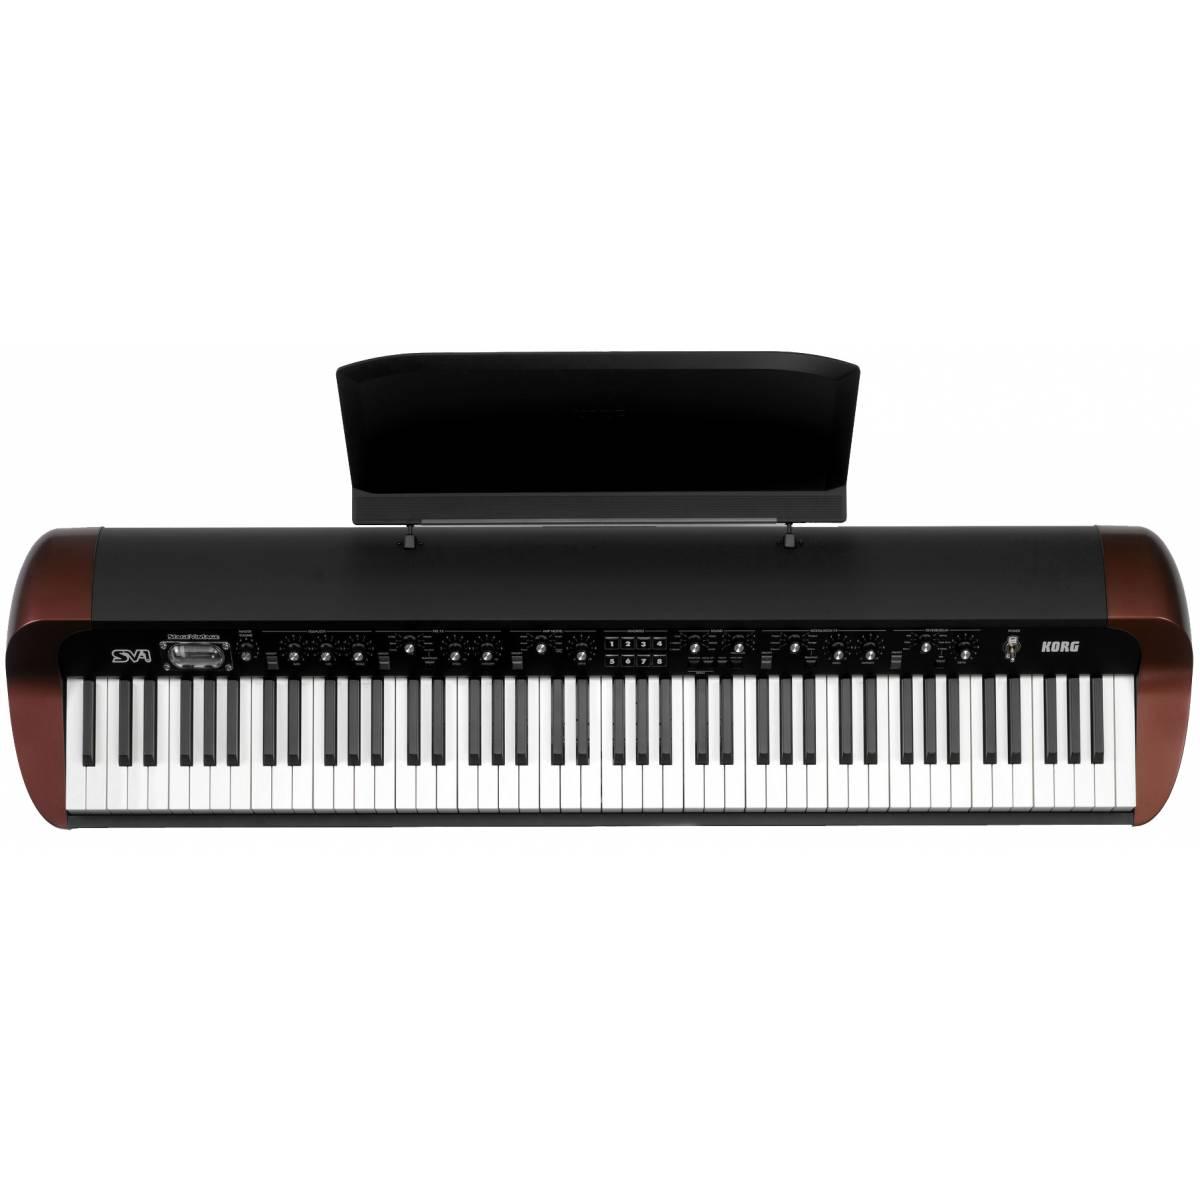 Korg Sv 1 Stage Vintage Piano 88 Key 88 Key Midi